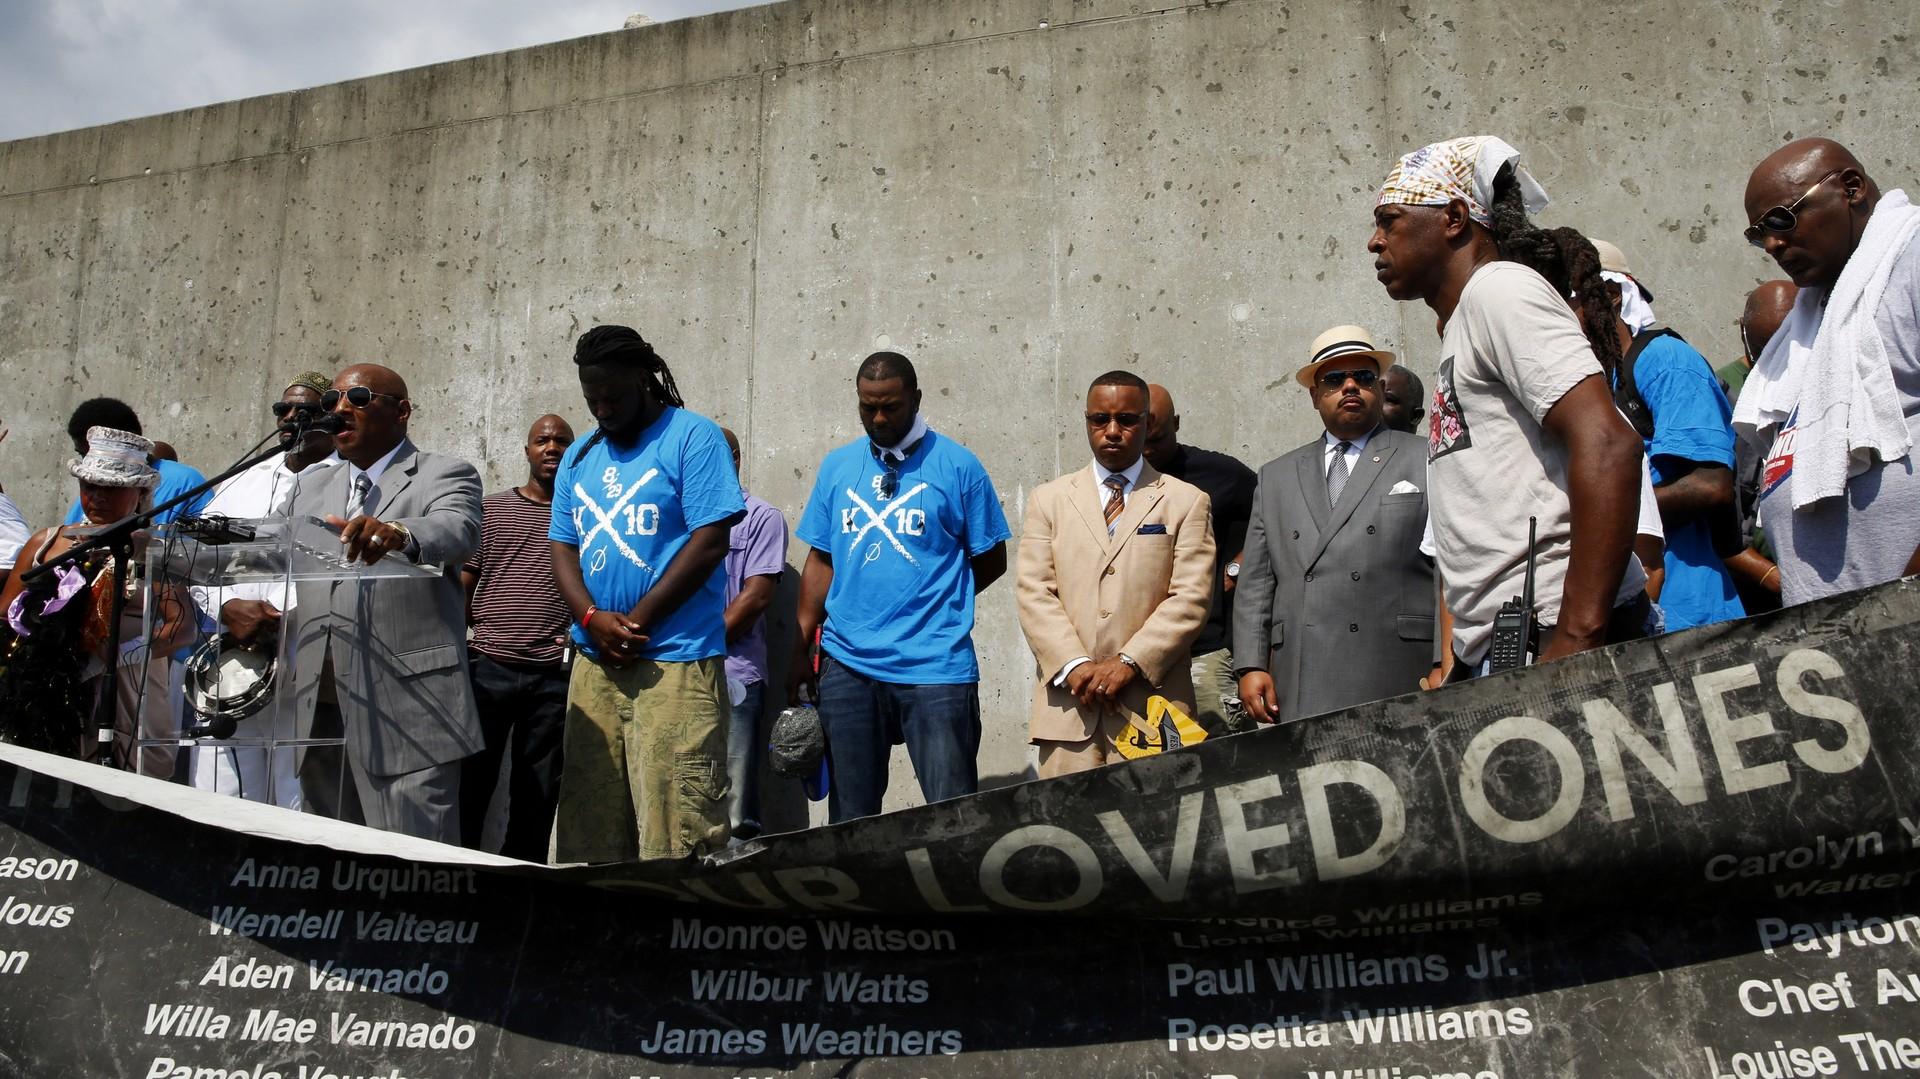 Le 29 août, les Etats-Unis marquent dix ans que l'ouragan Katrina a dévasté le sud du pays